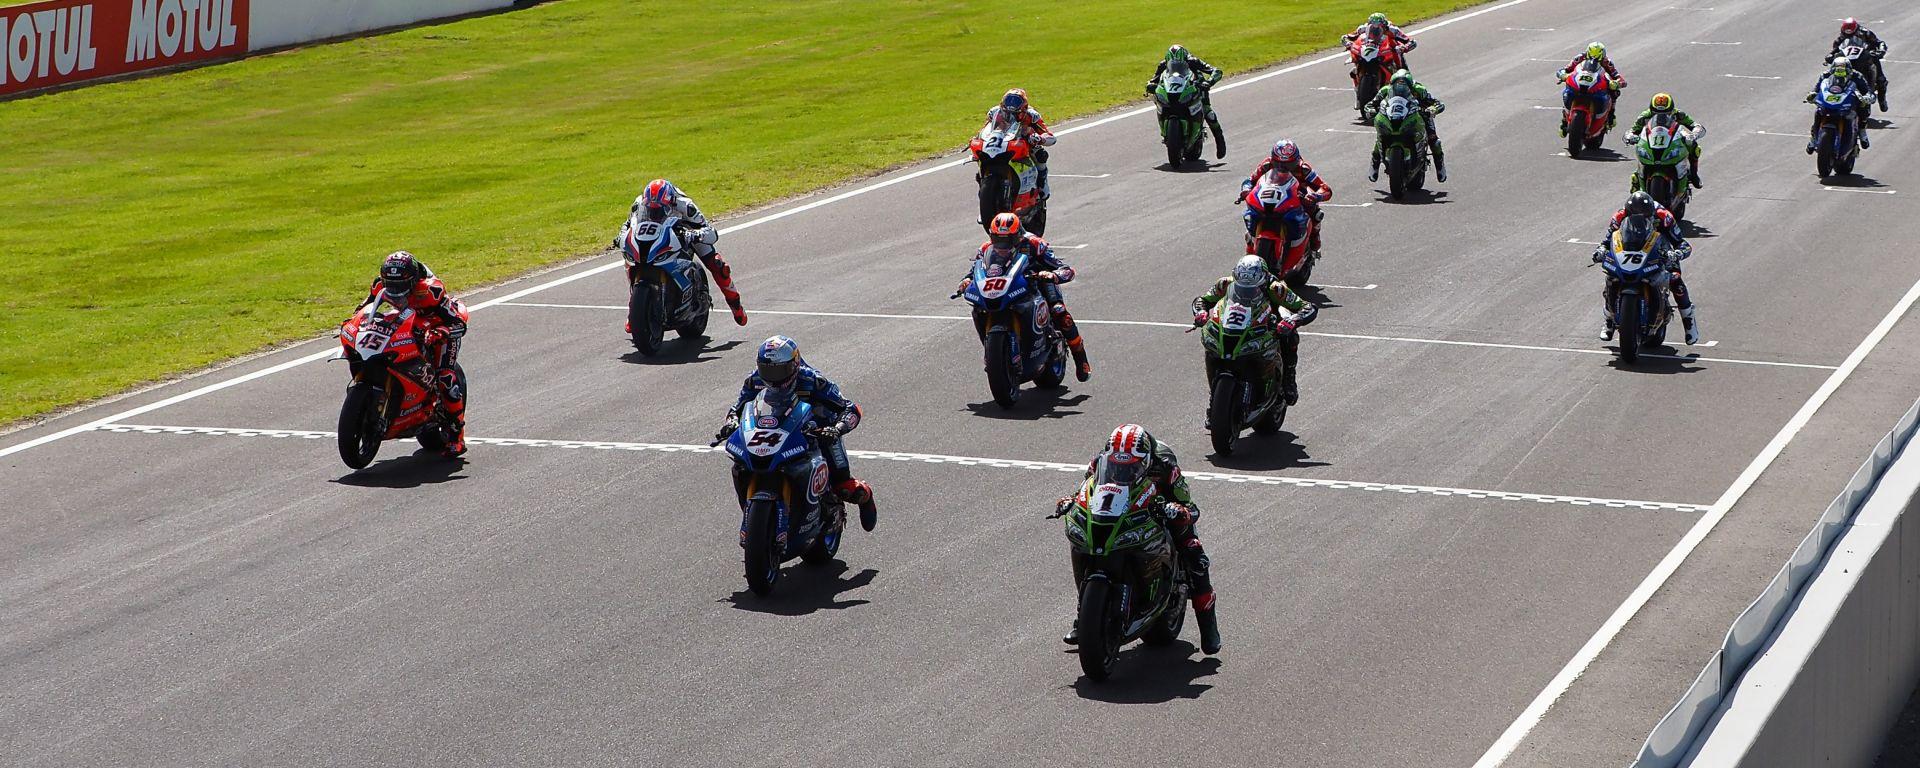 Superbike Round Jerez 2020: orari tv, circuito e risultati